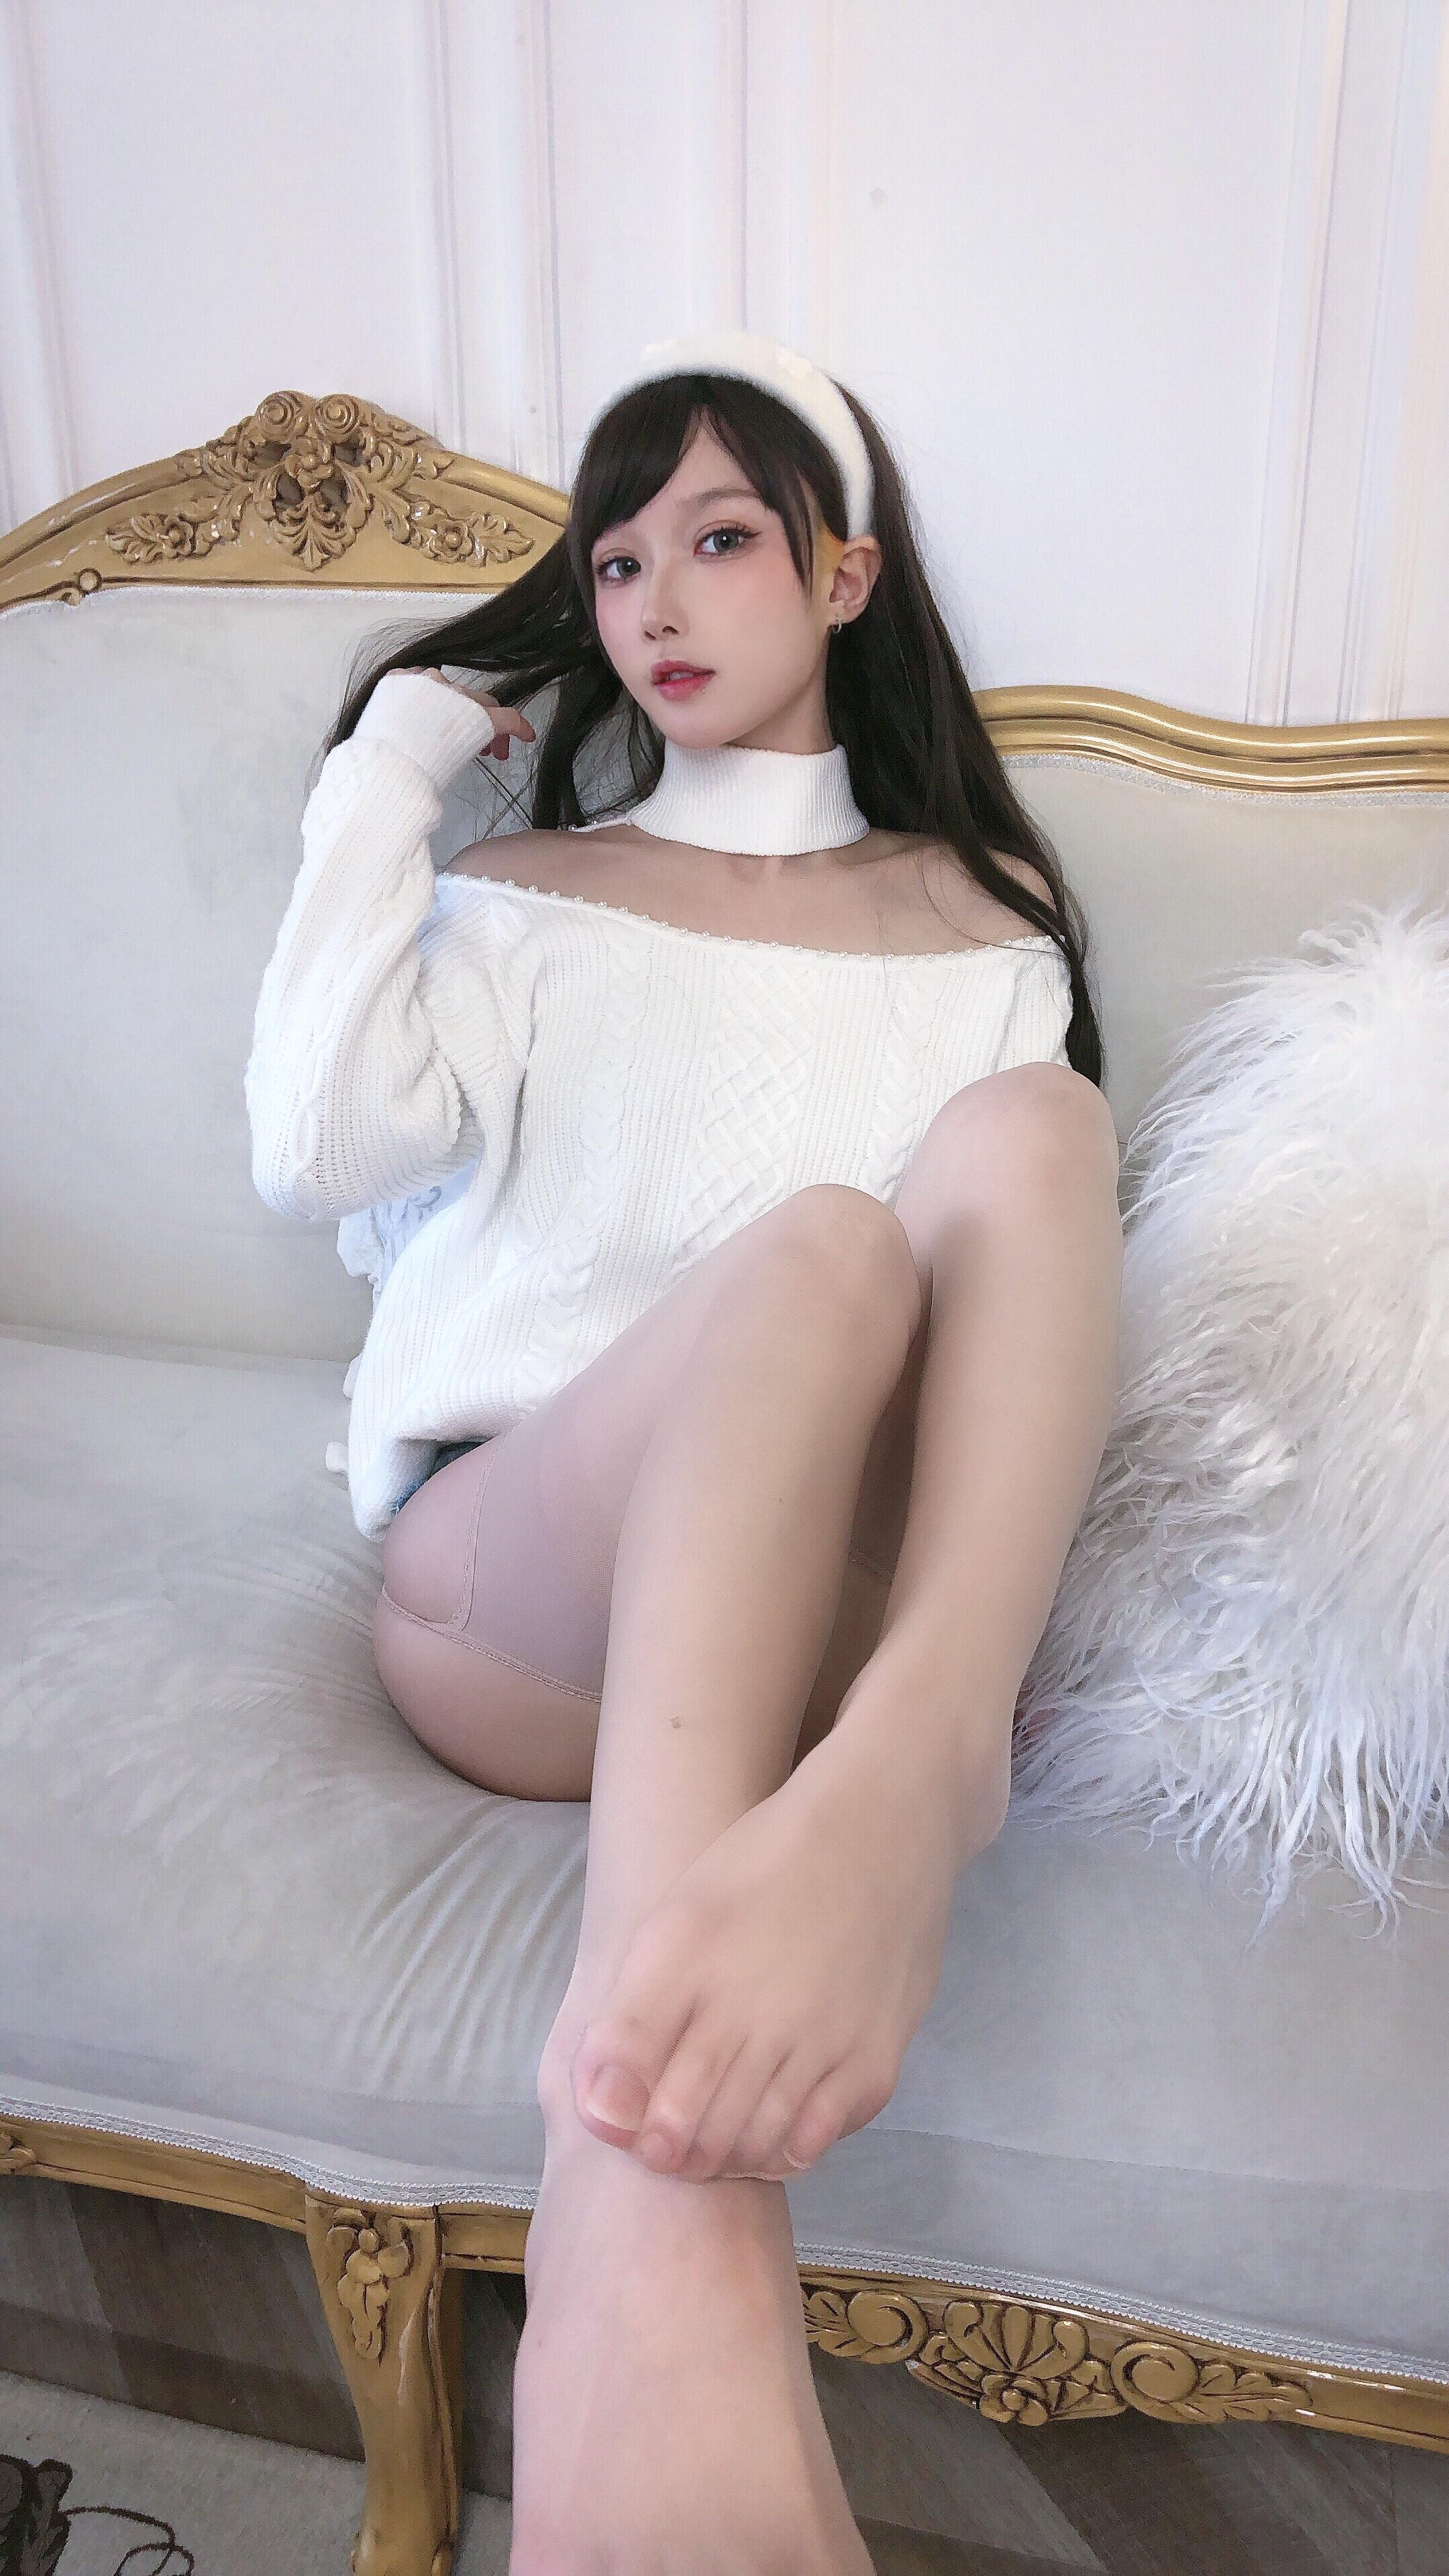 阿包也是兔娘 纯欲女友私房写真美图鉴赏-觅爱图